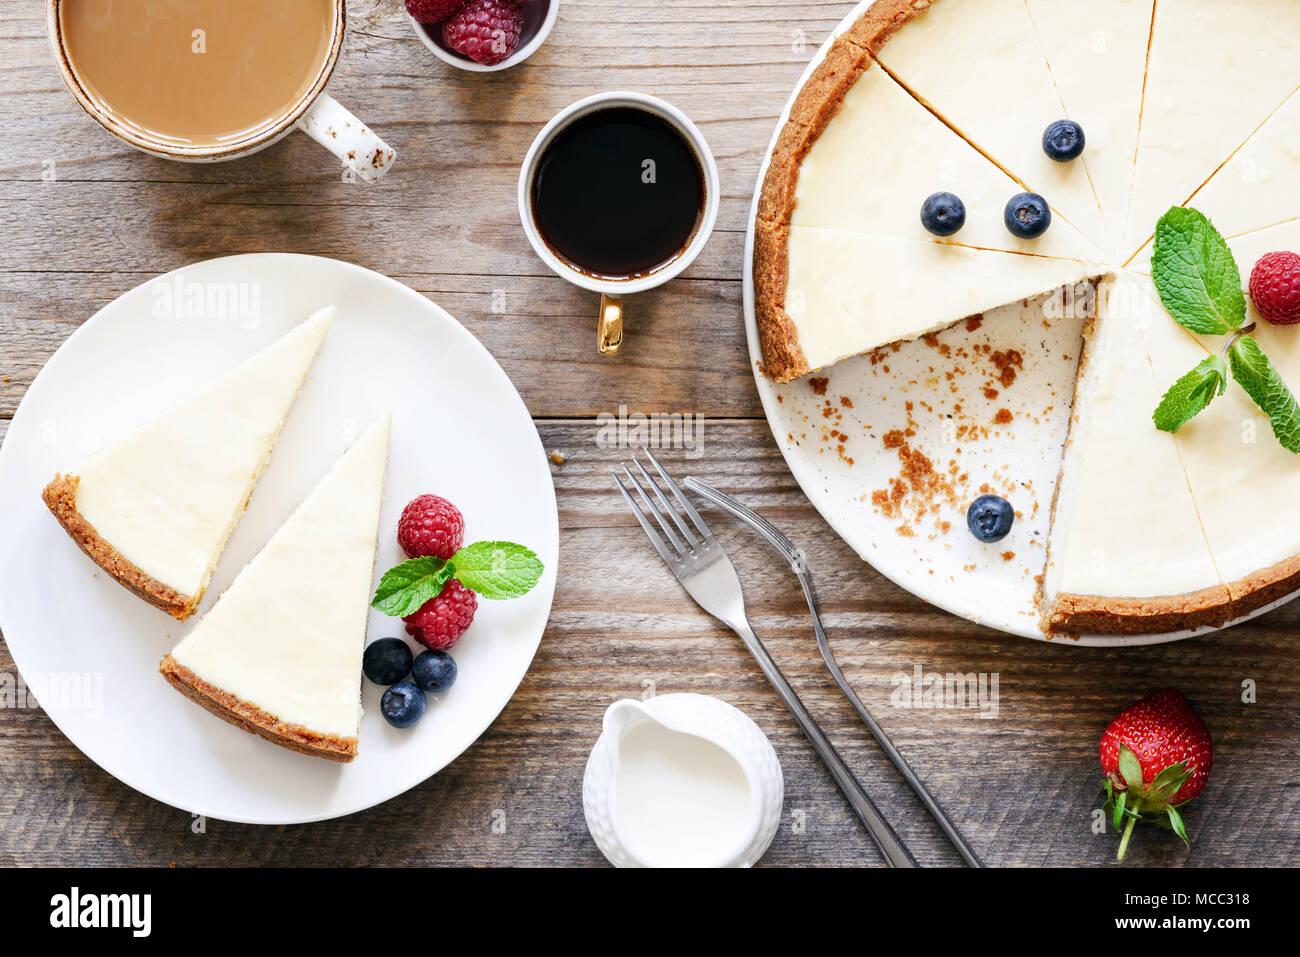 Hausgemachte klassische New York Käsekuchen und Kaffee auf Holztisch. Ansicht von oben Stockbild